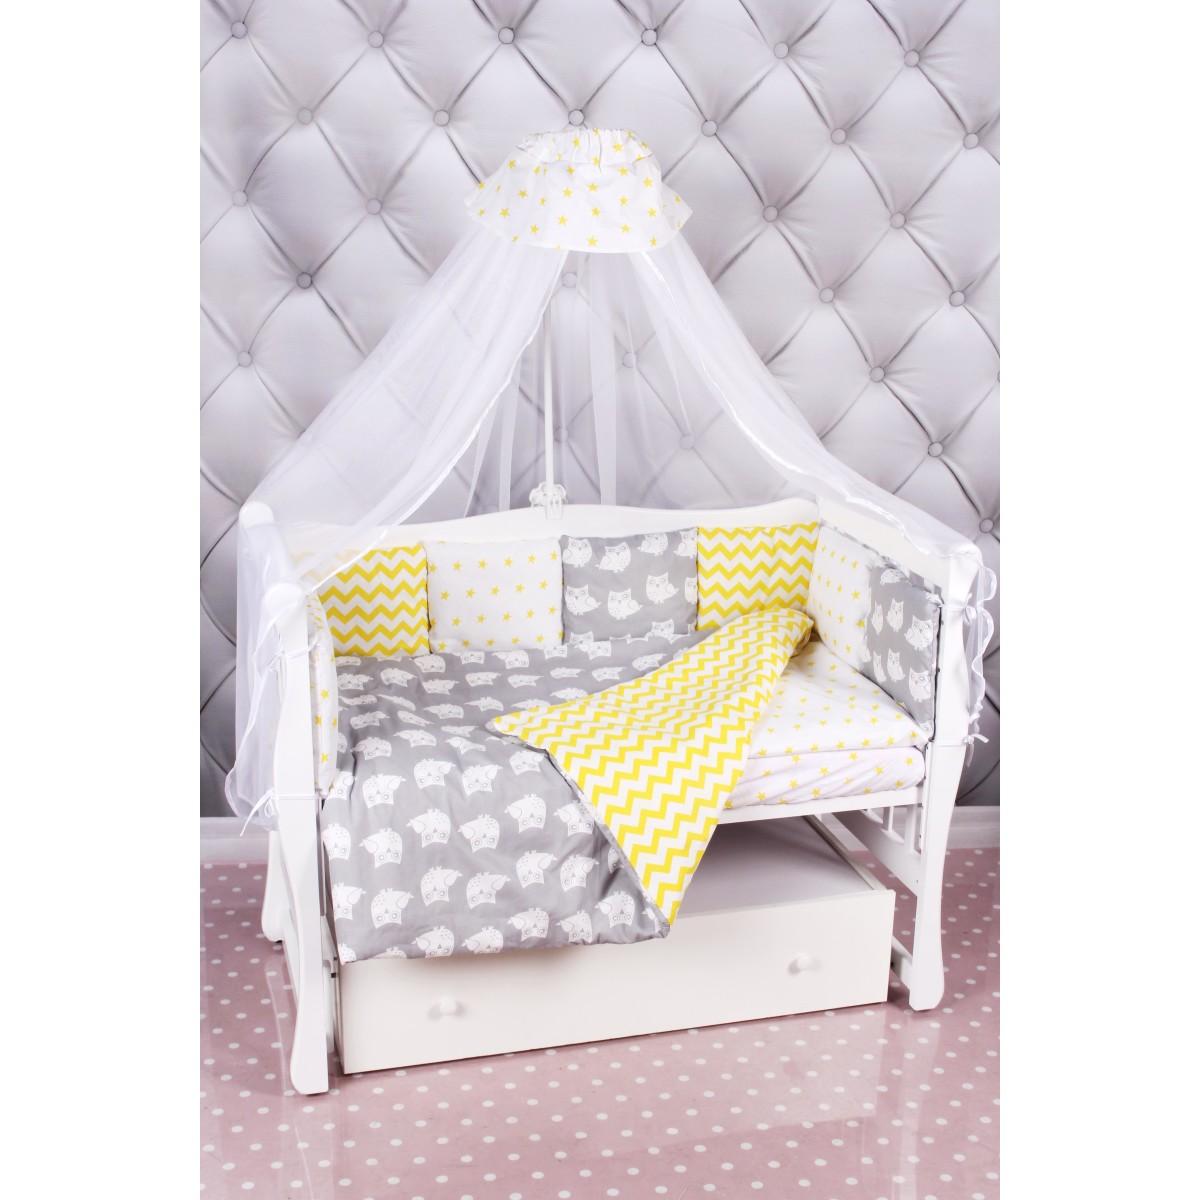 Комплект постельного белья AmaroBaby Совята в кроватку бязь 18 предметов